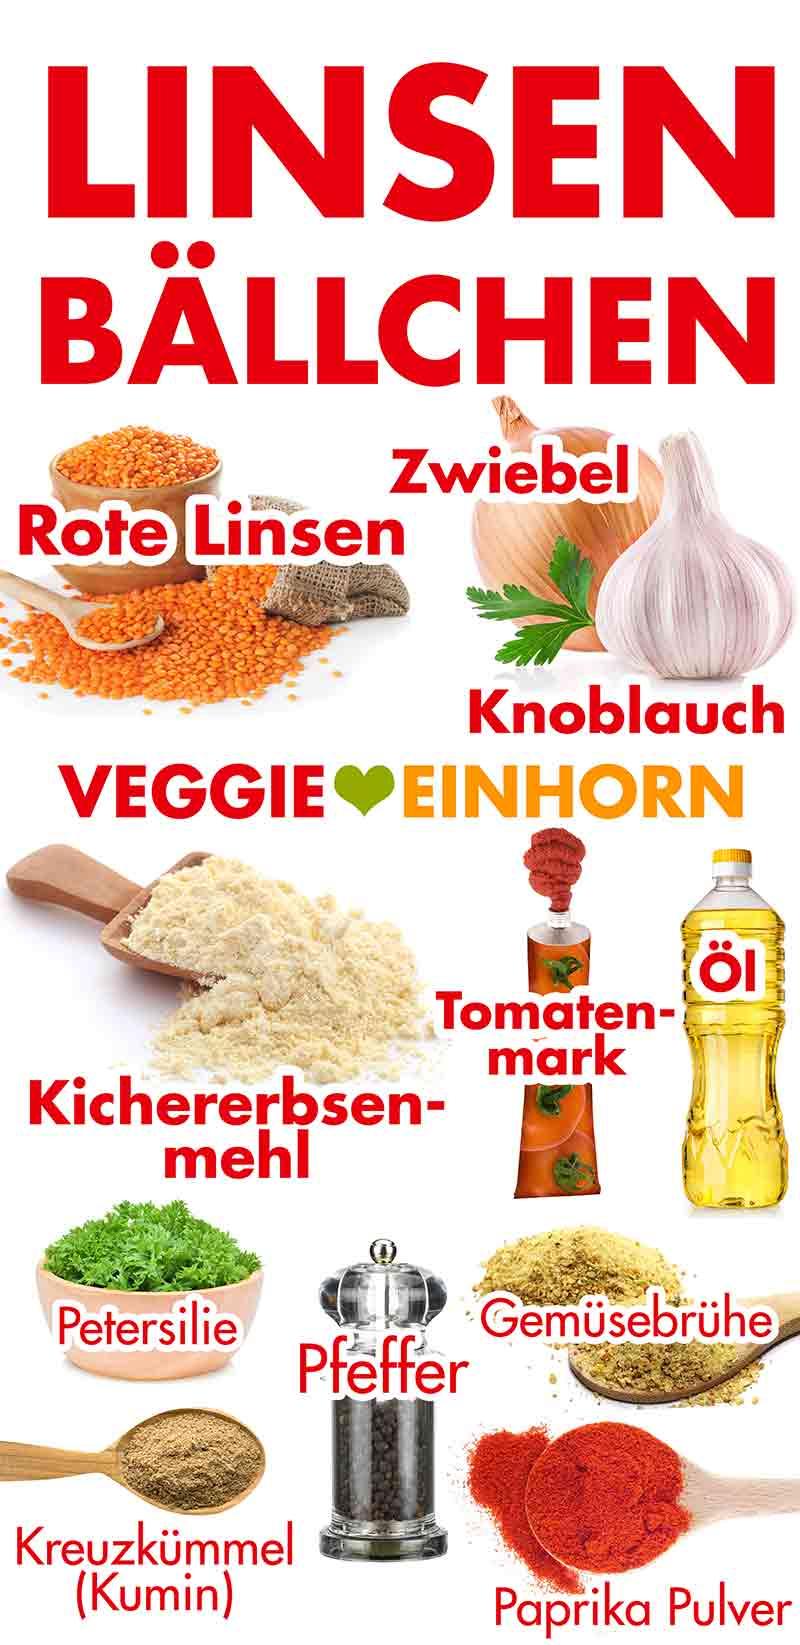 Zutaten für rote Linsen Bällchen